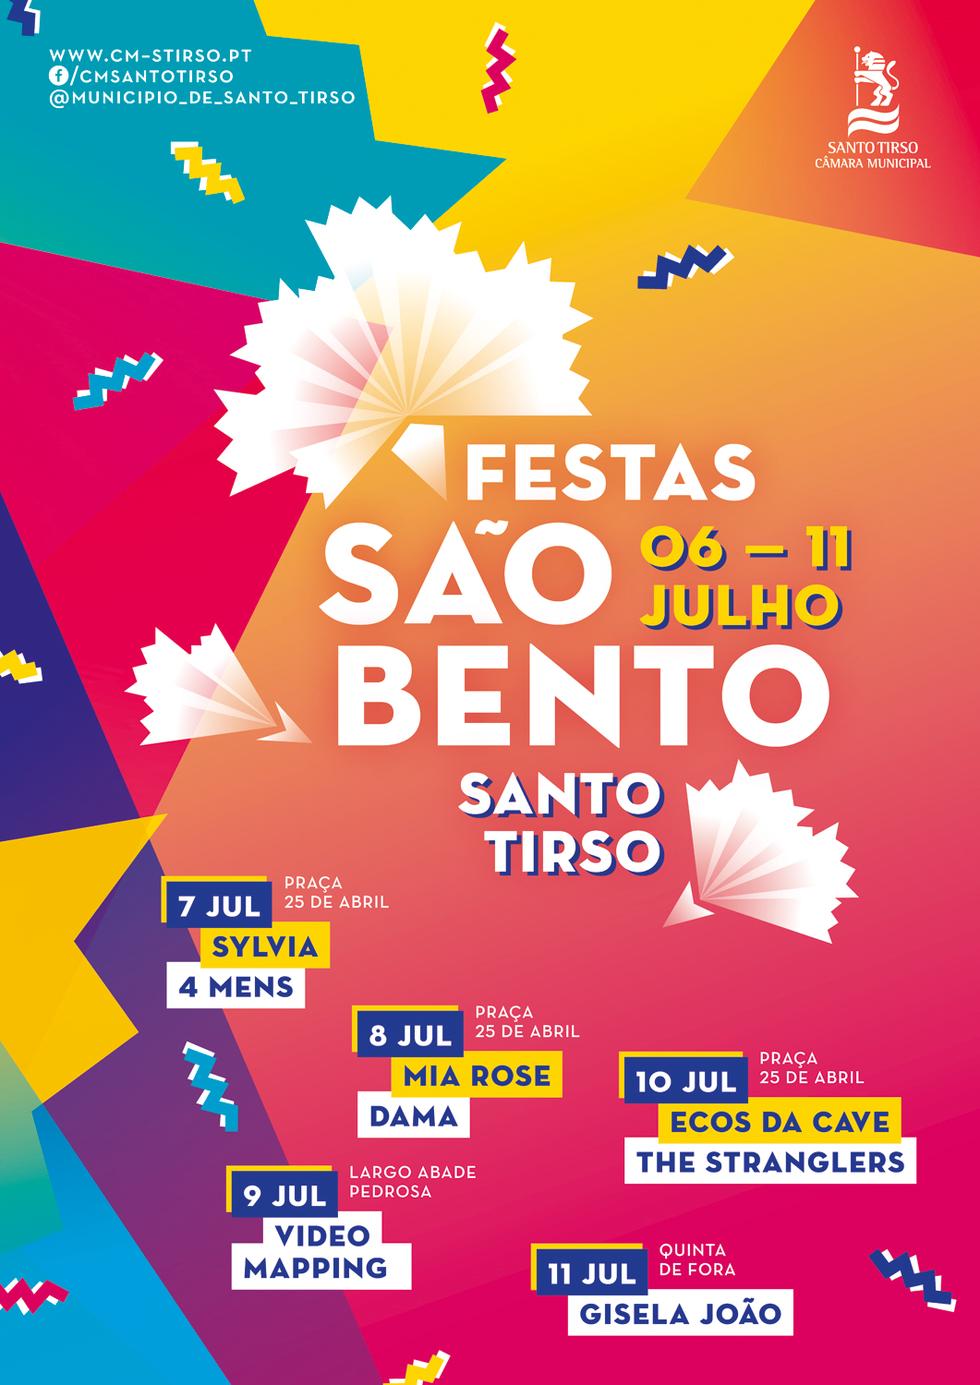 d360a93f6 Festas de São Bento 2017   C.M. Santo Tirso